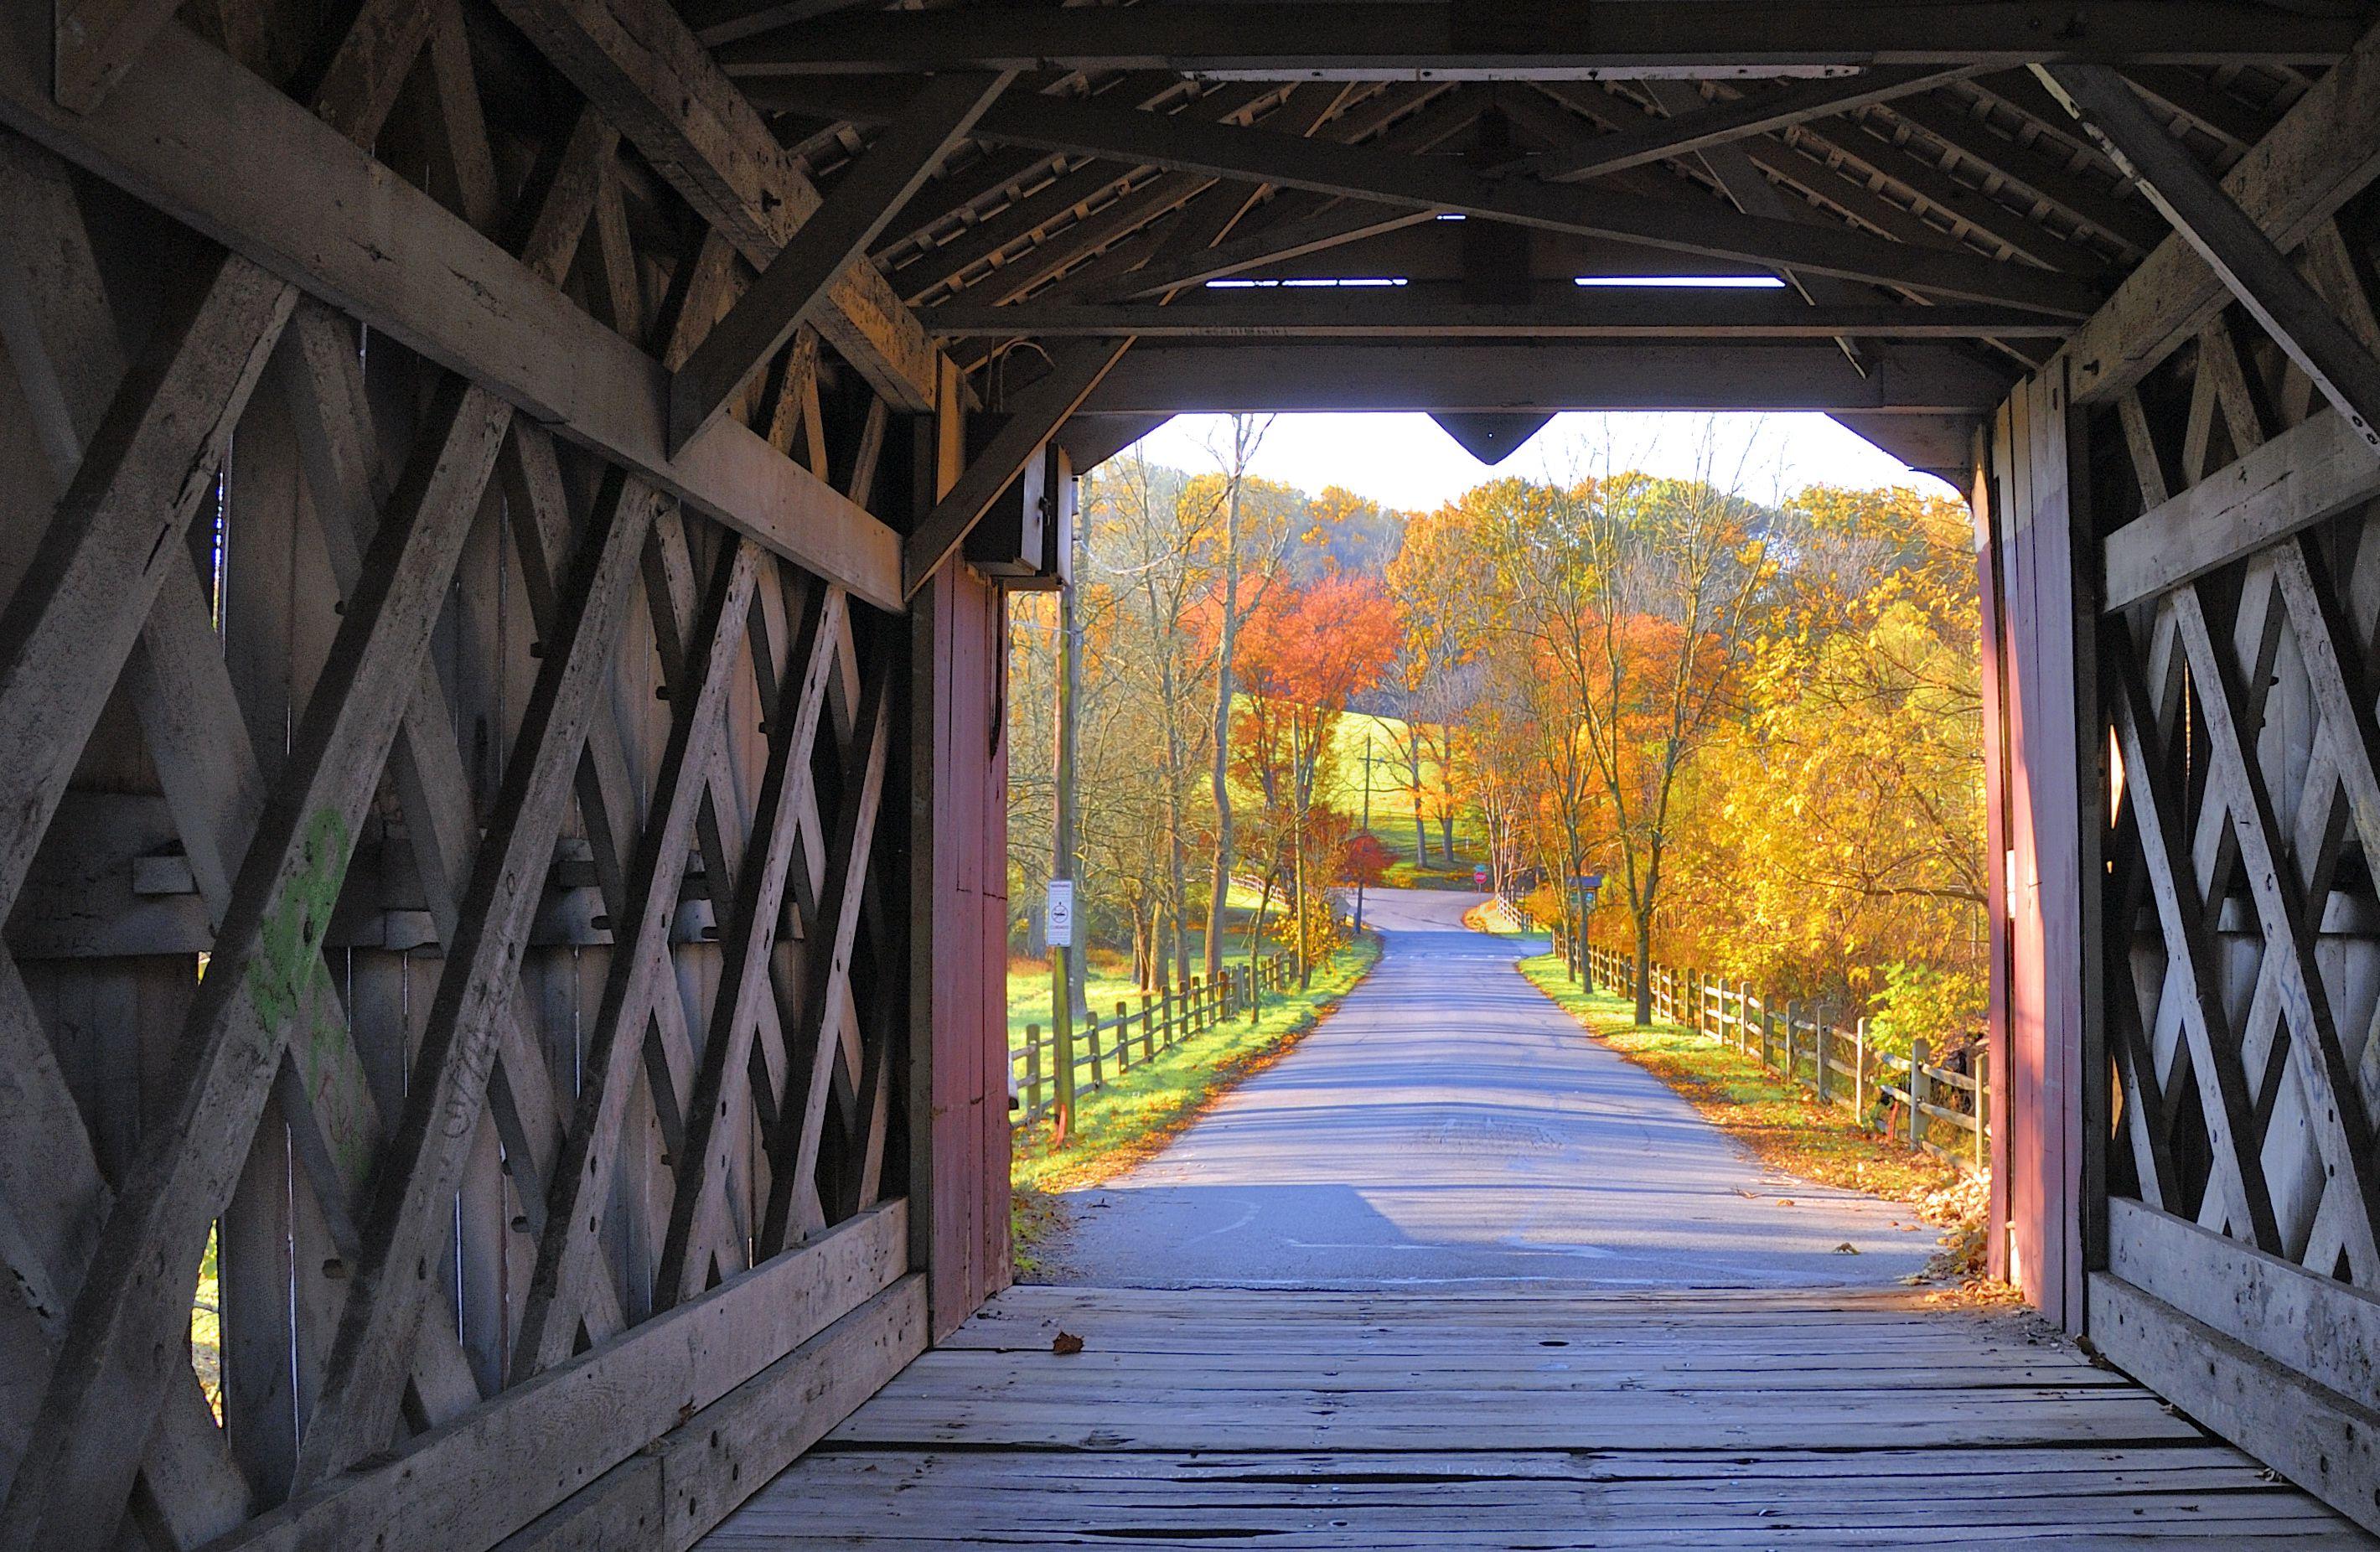 Delaware covered bridge in autumn